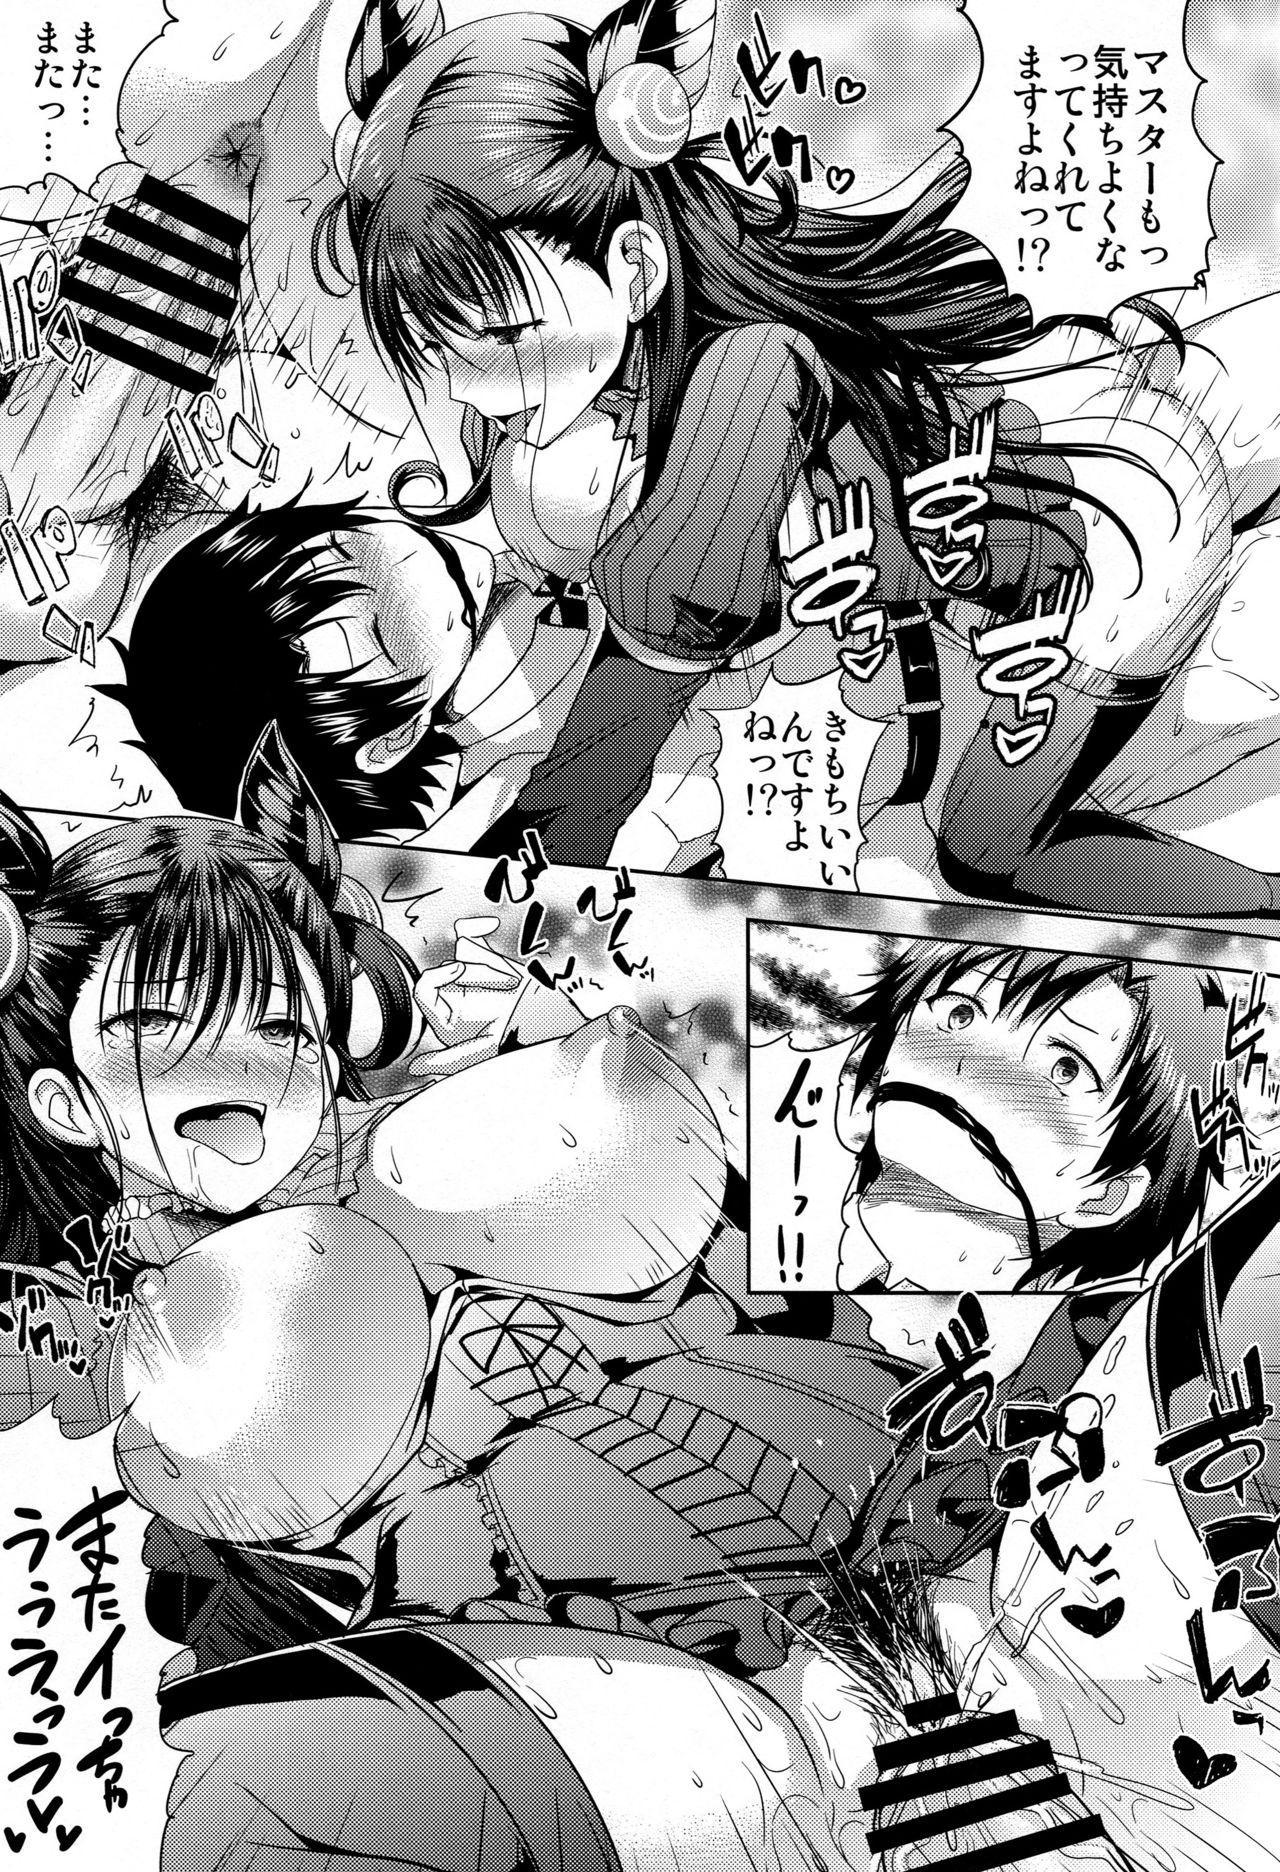 Murasaki Shikibu Midaregami 17